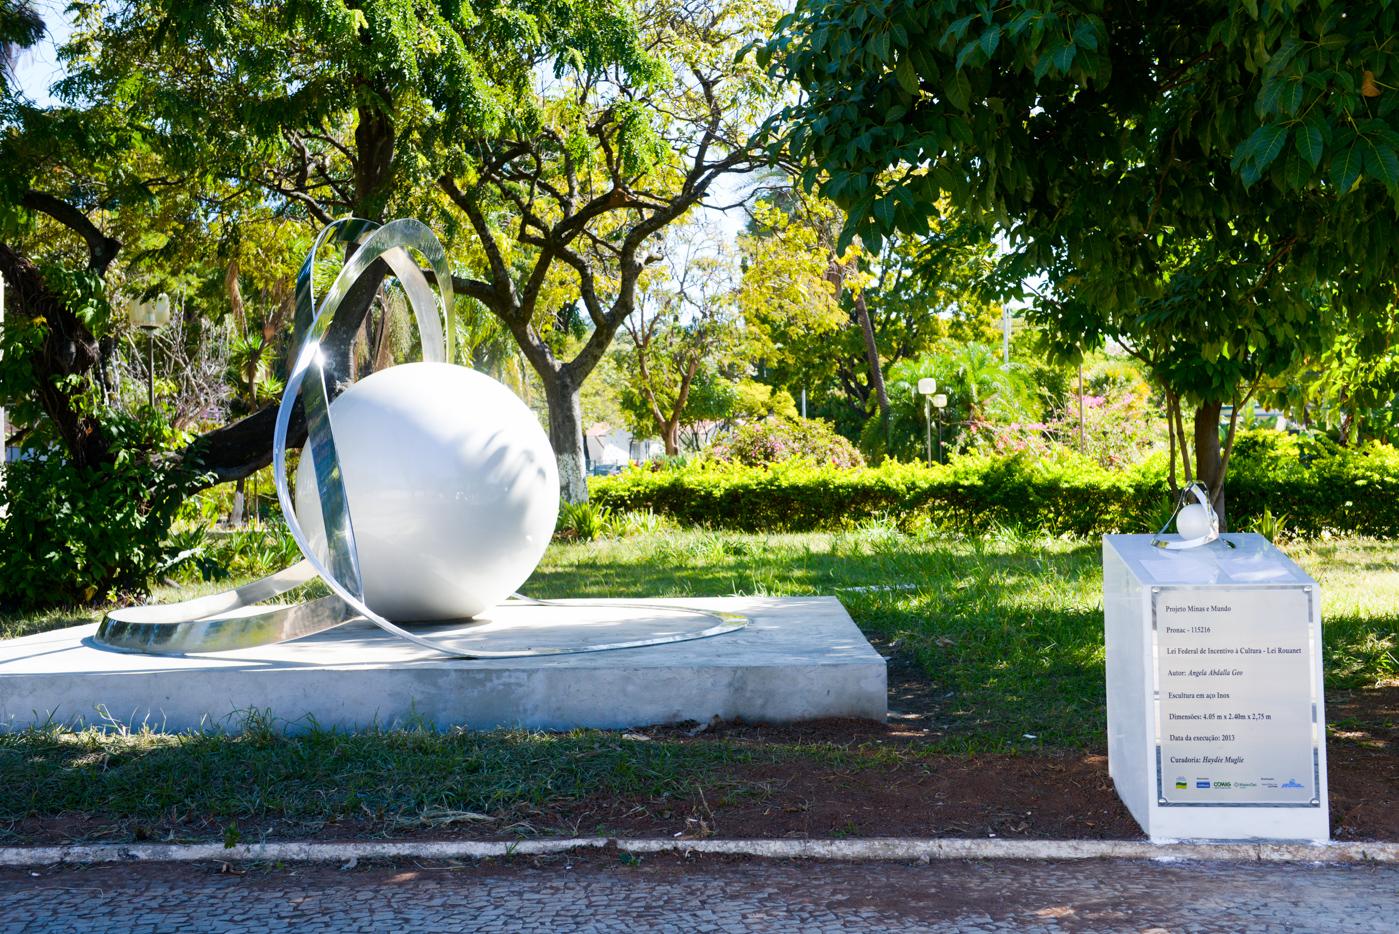 CÓDIGO:ftv1160705/FOTOGRAFO: Nelio Rodrigues/ftv EDITORIA:Artes Plasticas/Tema:Escultura/DESCRIÇÃO: Angela Geo/SERVIÇO: foto/LOCAL:Brasil/Minas Gerais/Belo Horizonte/aeroporto da pampulha/DATA:05-07-2016/HORA:10:00